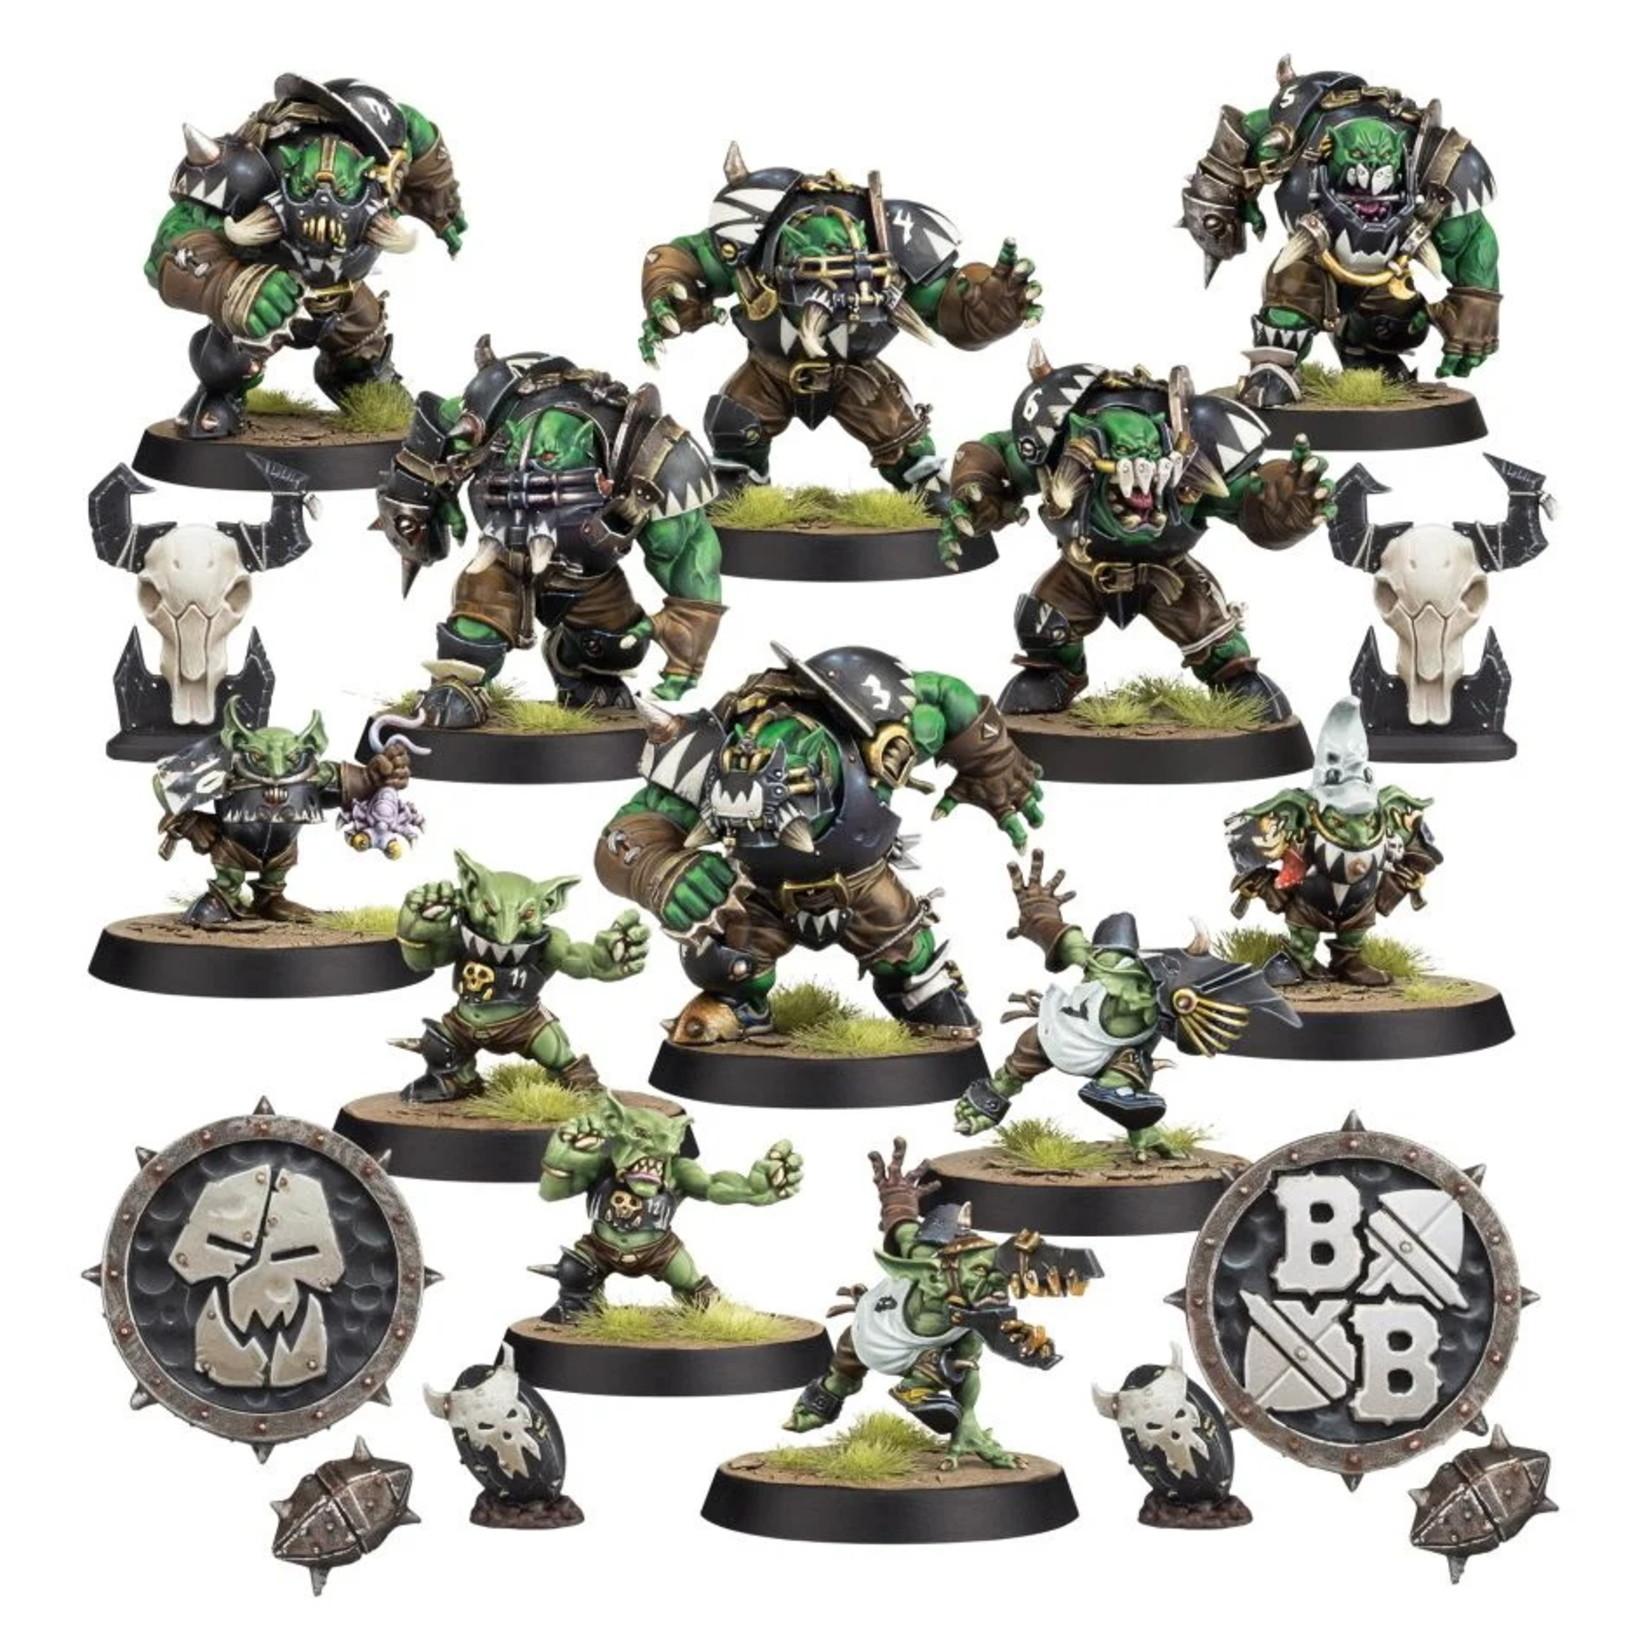 Games Workshop Black Orc Blood Bowl Team: The Thunder Valley Greenskins